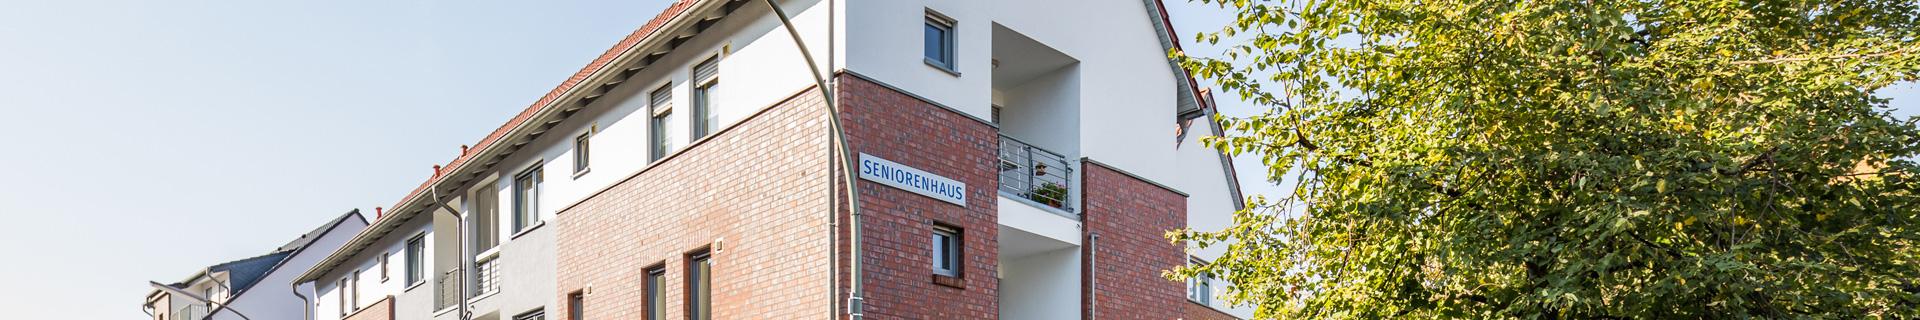 Außenansicht des Seniorenhauses